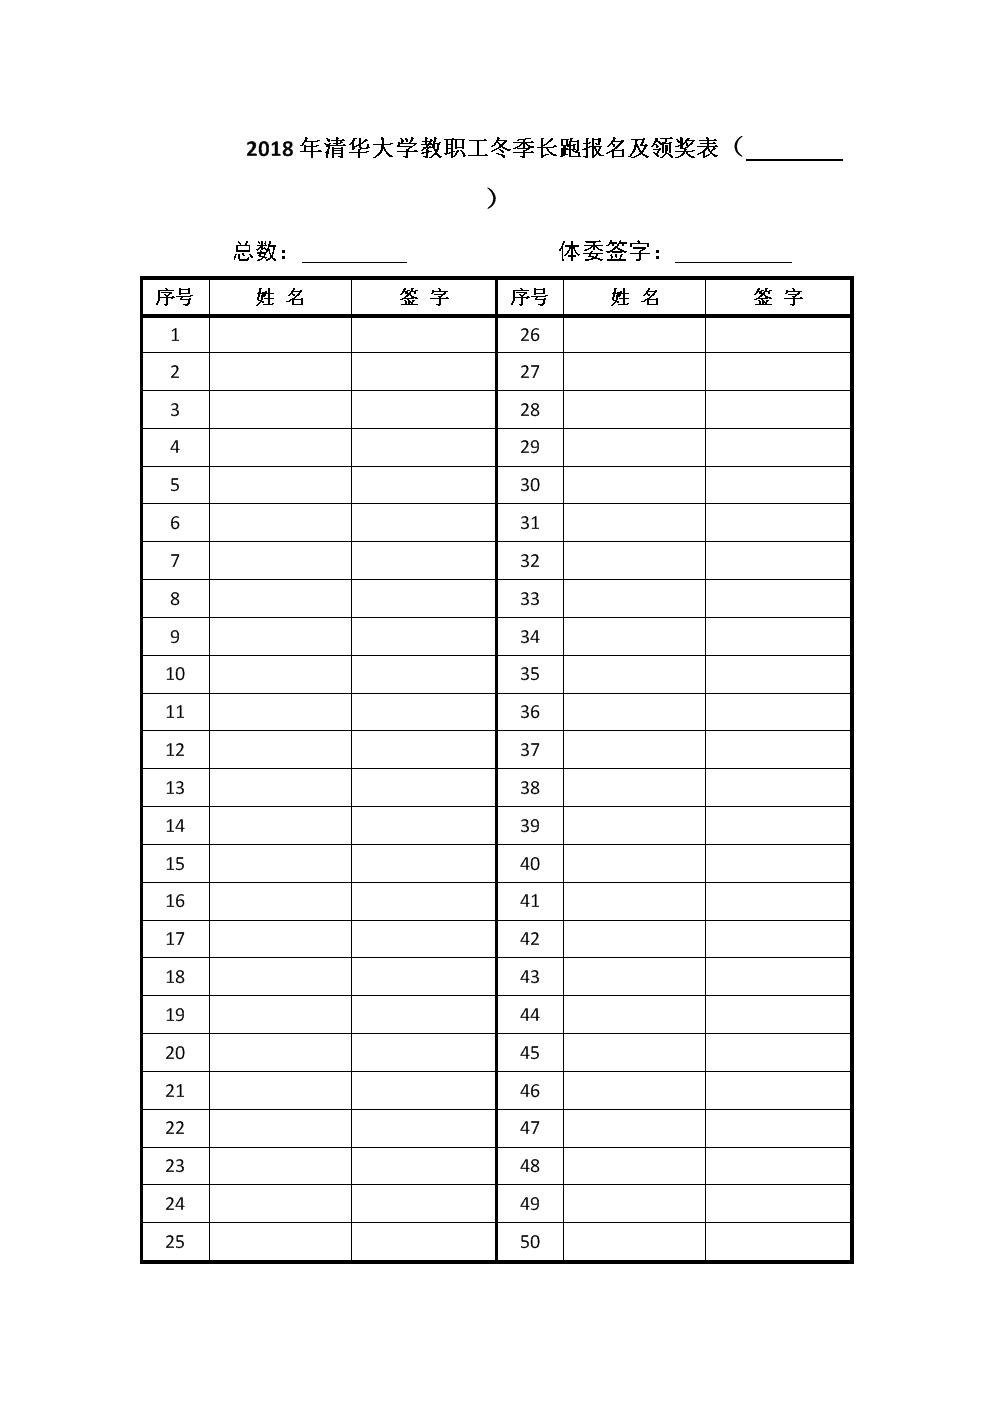 2018年清华大学教职工冬季长跑报名及领奖表.doc